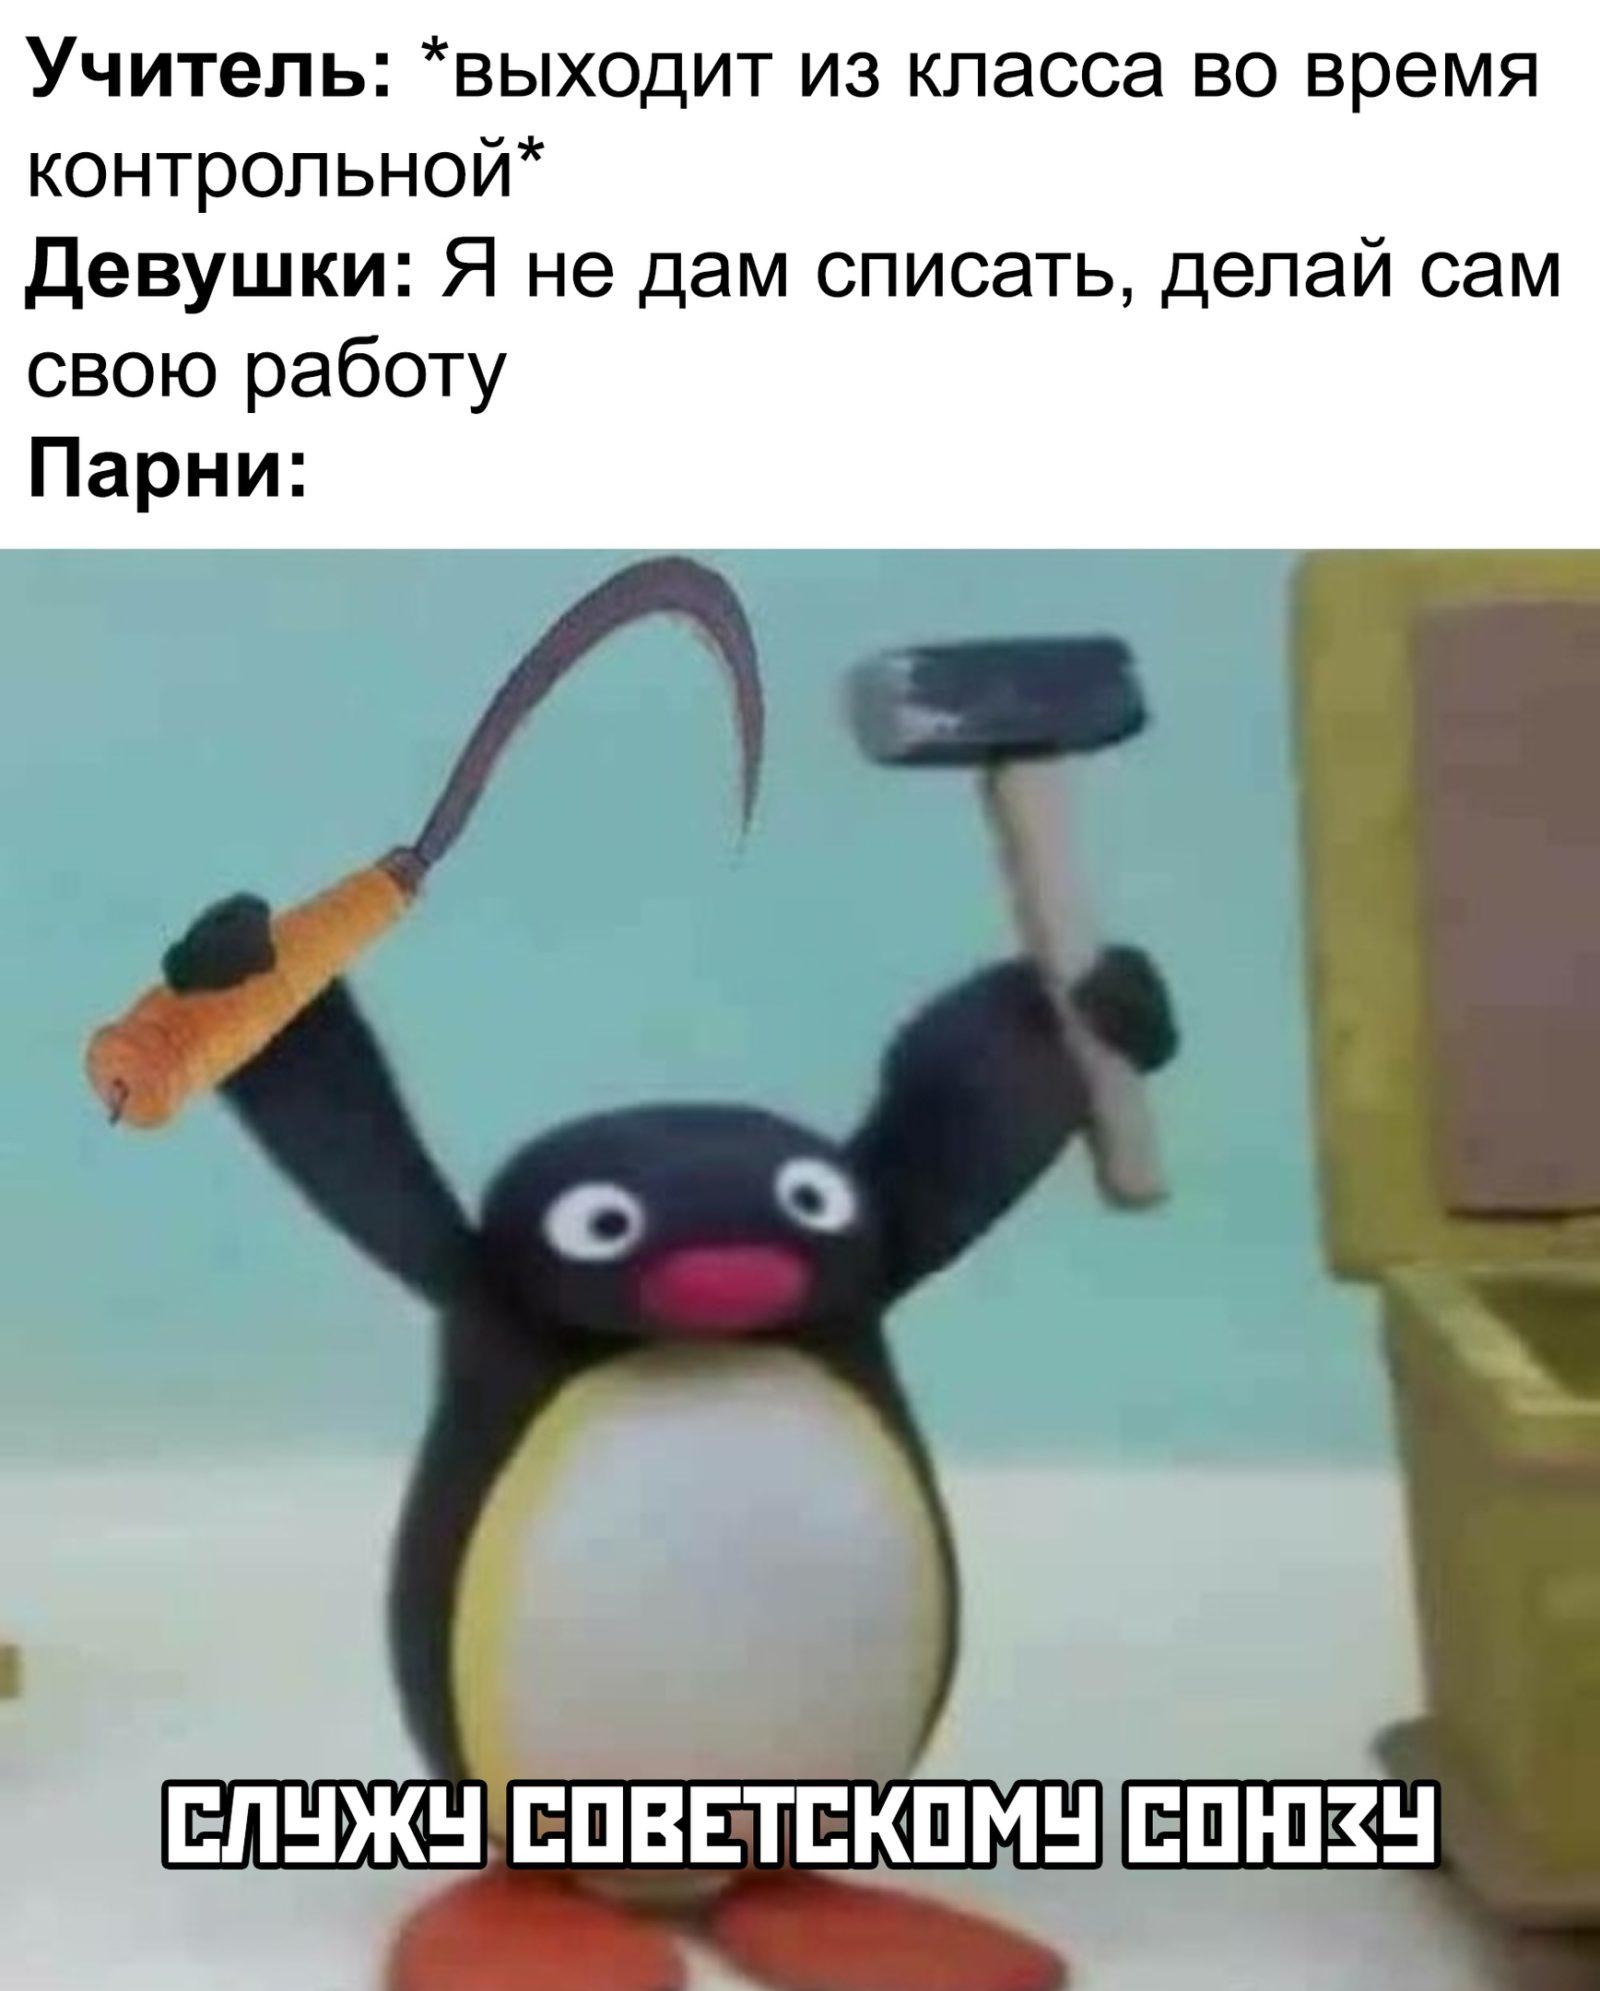 """Служу Советскому Союзу - мем из сериала """"Чернобыль"""""""